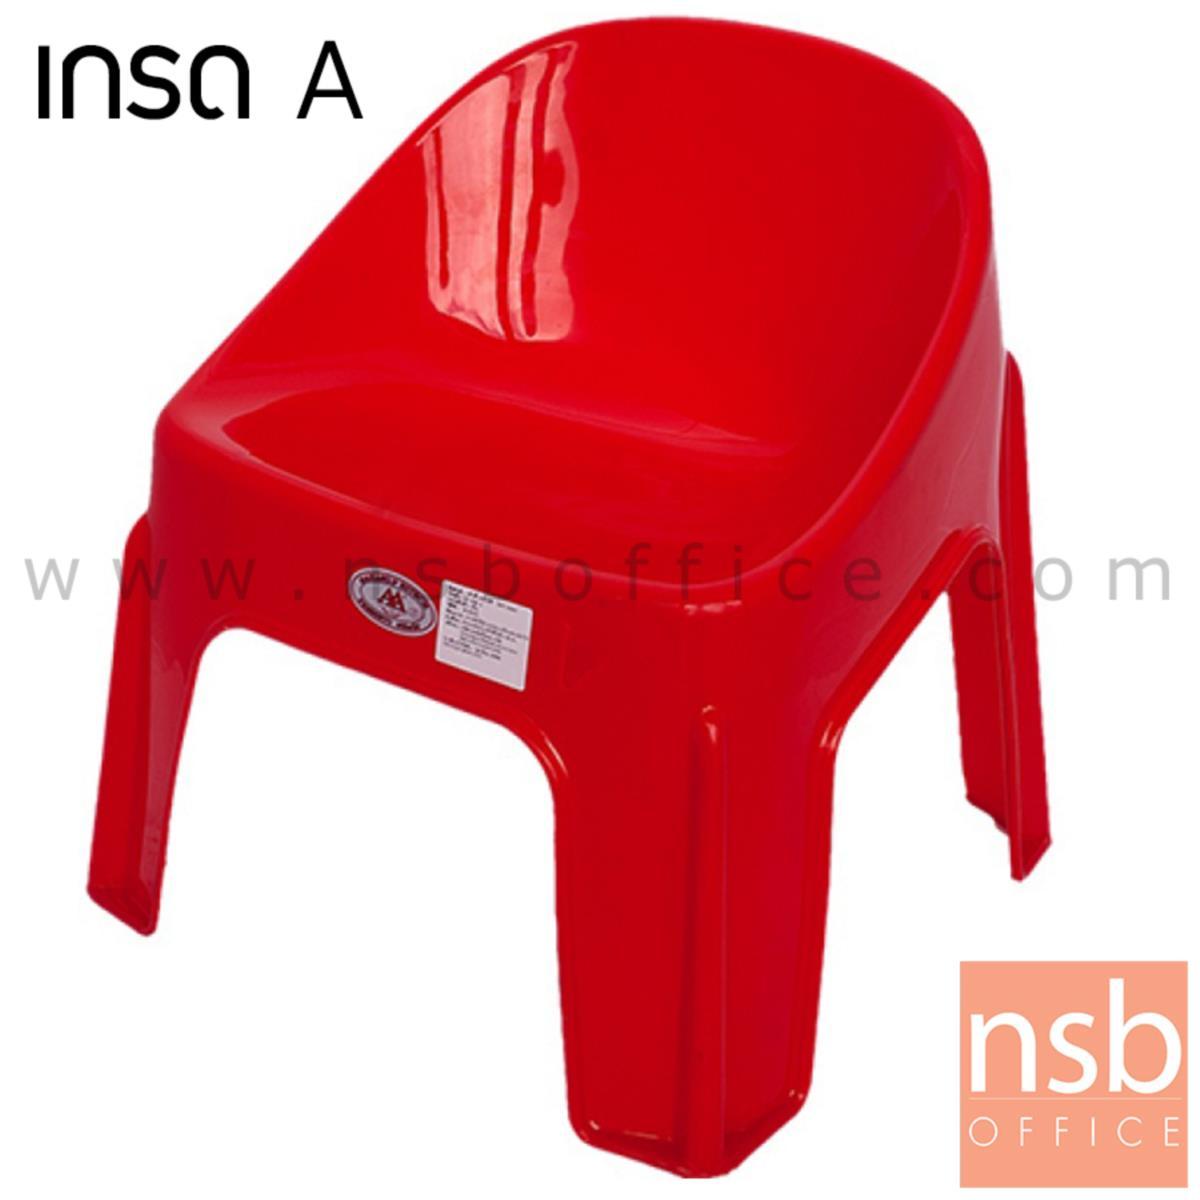 B10A065:เก้าอี้พลาสติกสำหรับเด็ก รุ่น FANCY_CHAIR ซ้อนทับได้ (พลาสติกเกรด A)